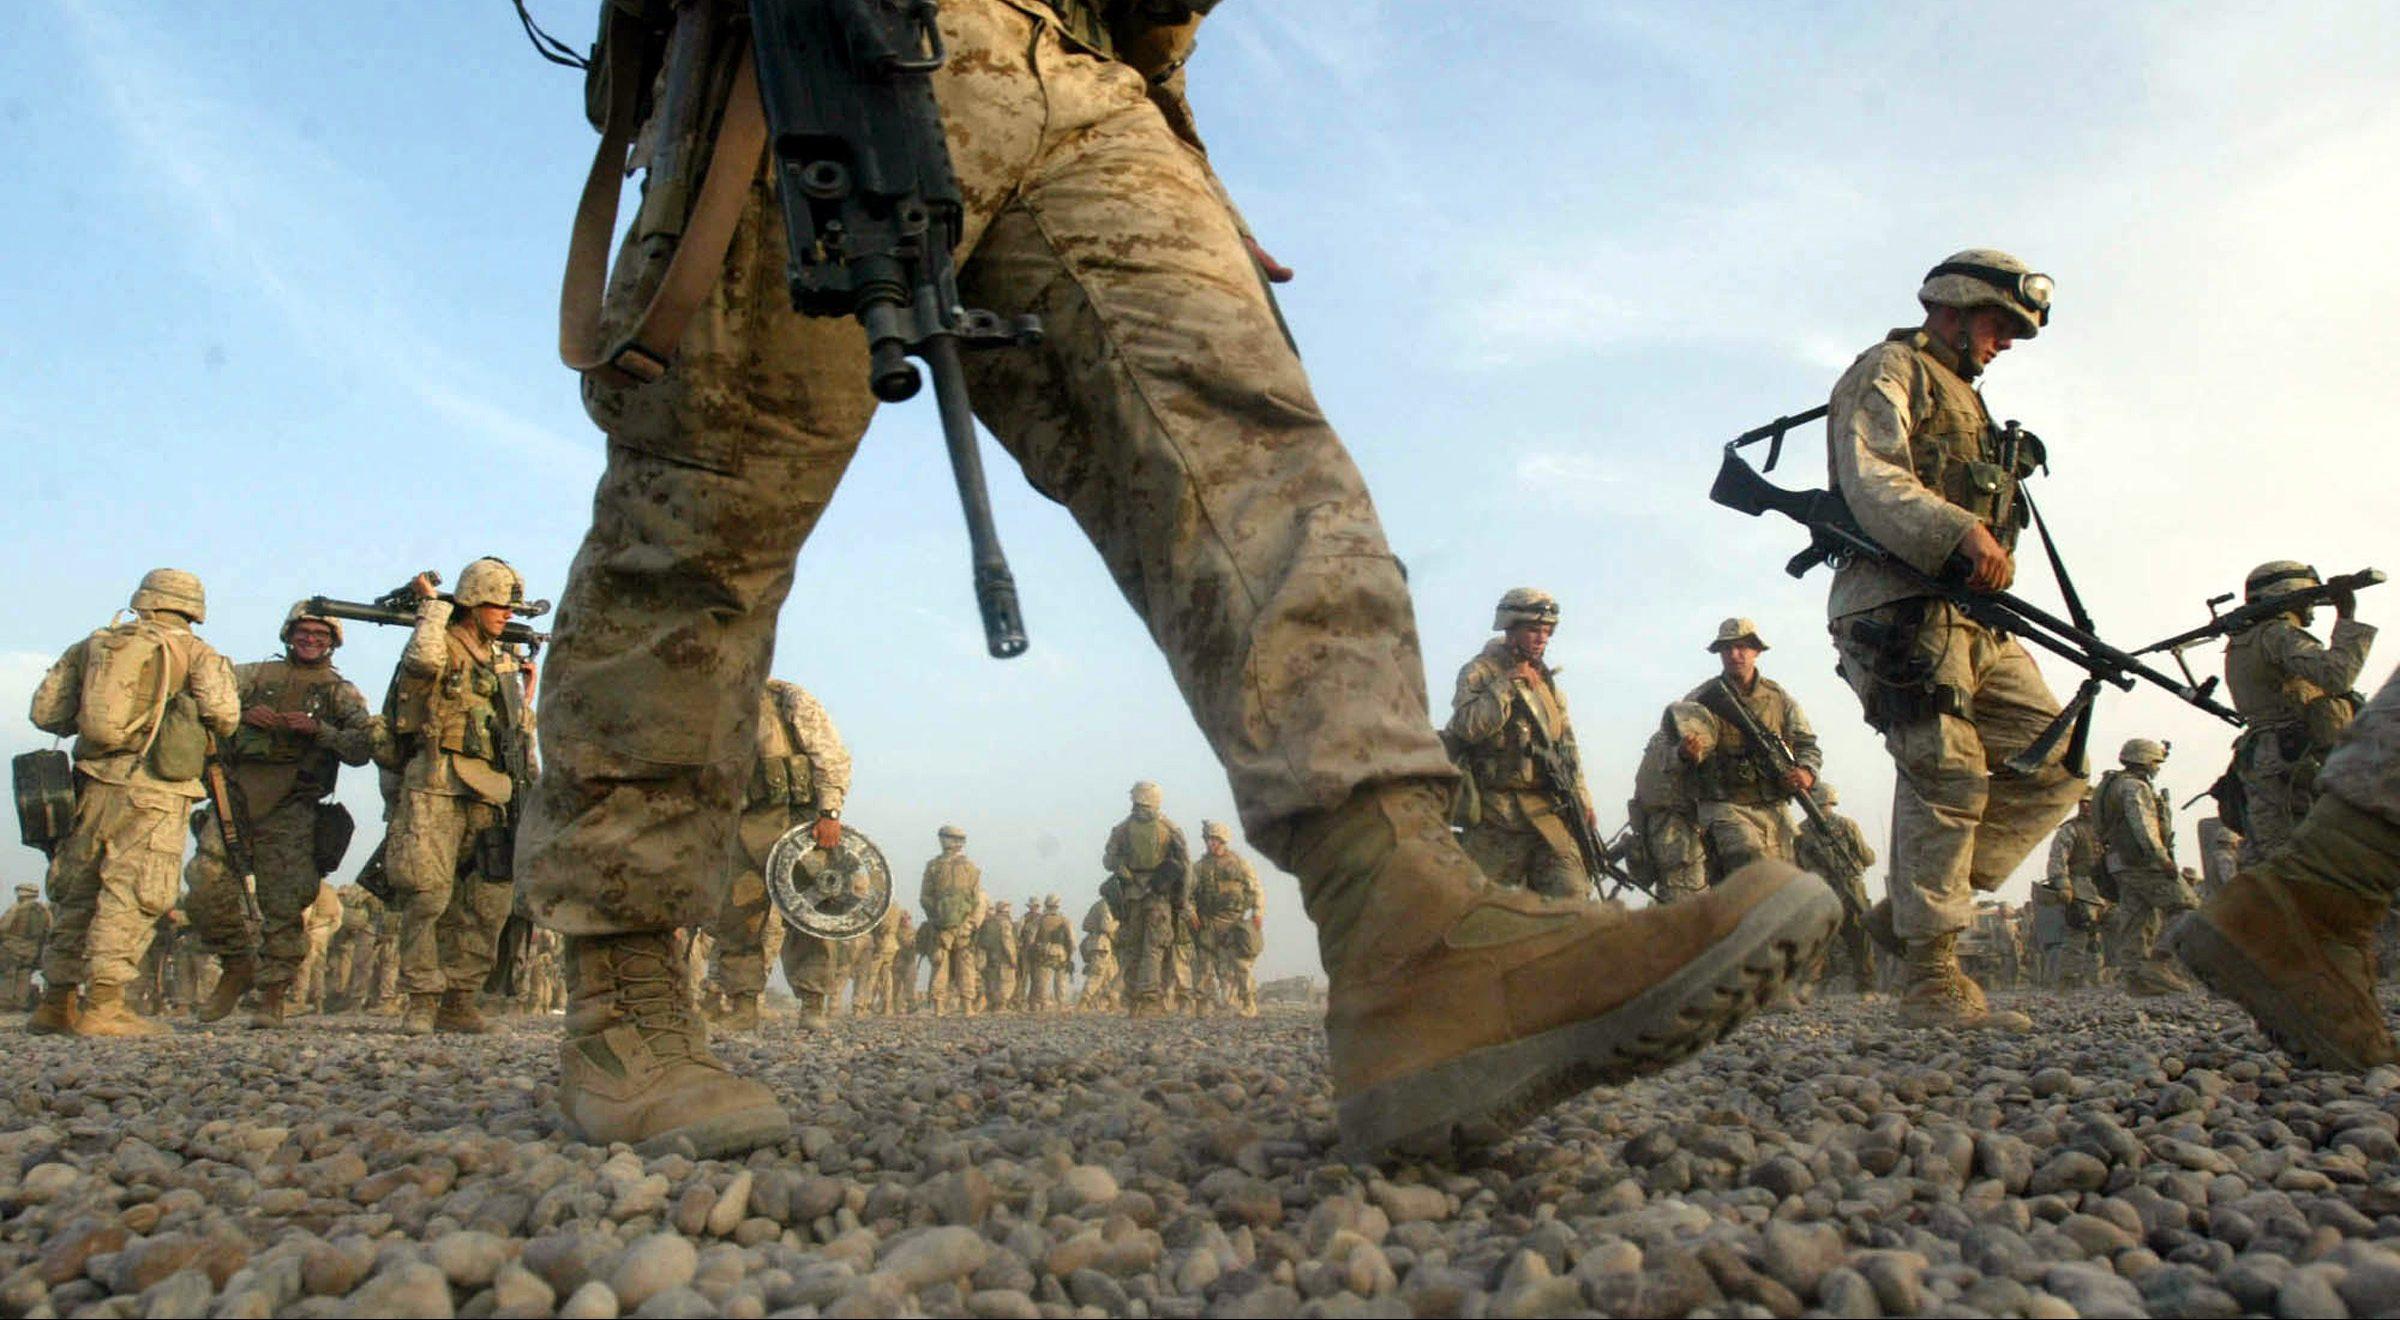 Soldati Usa Marines in Iraq (La Presse)